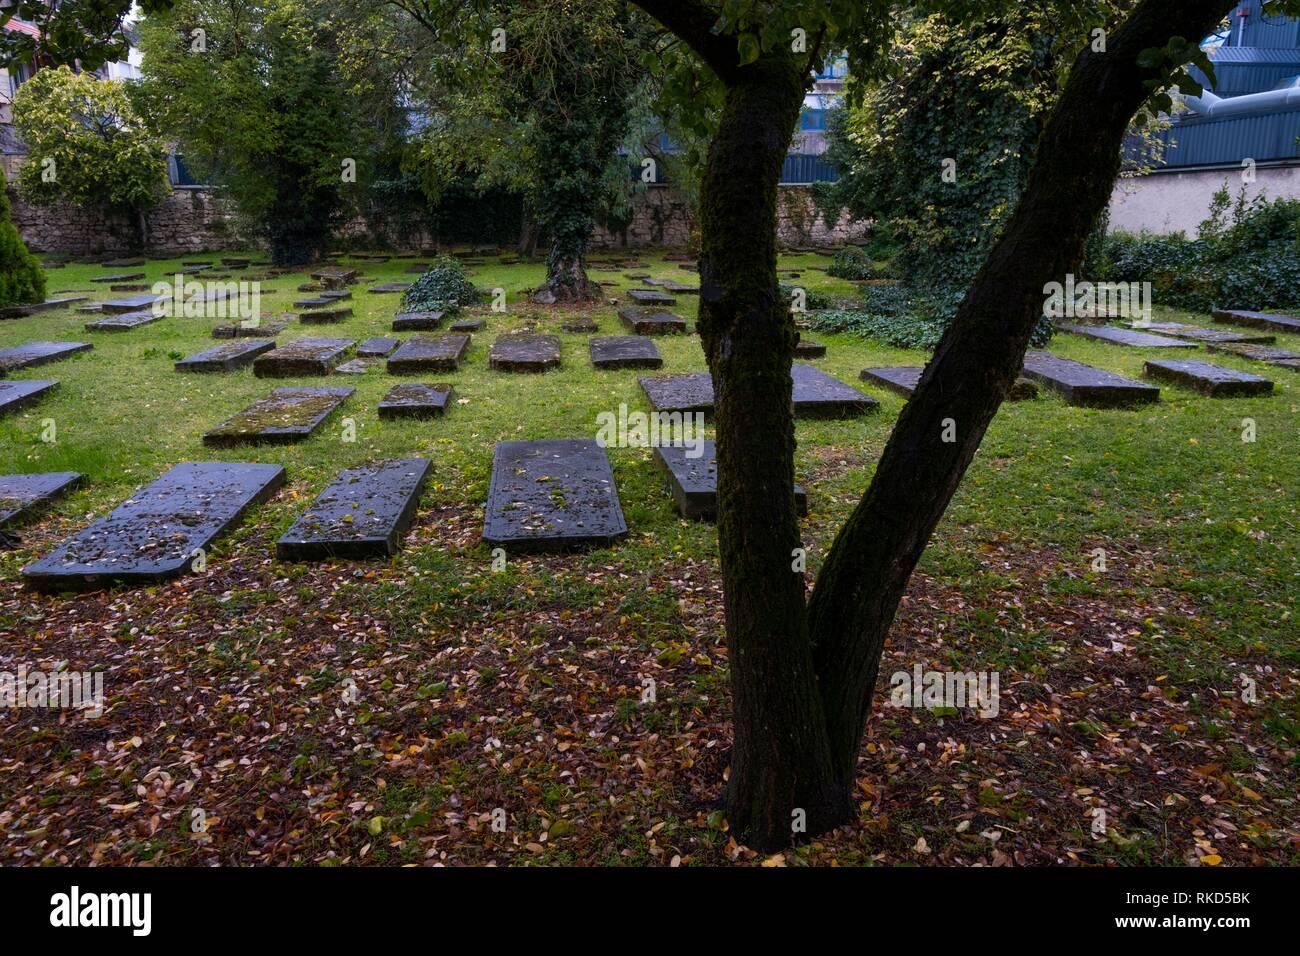 France, Nouvelle Aquitaine, Gironde, Bordeaux, Cimetière de Juifs portugais (Cemetery of Portuguese Jews) - Stock Image